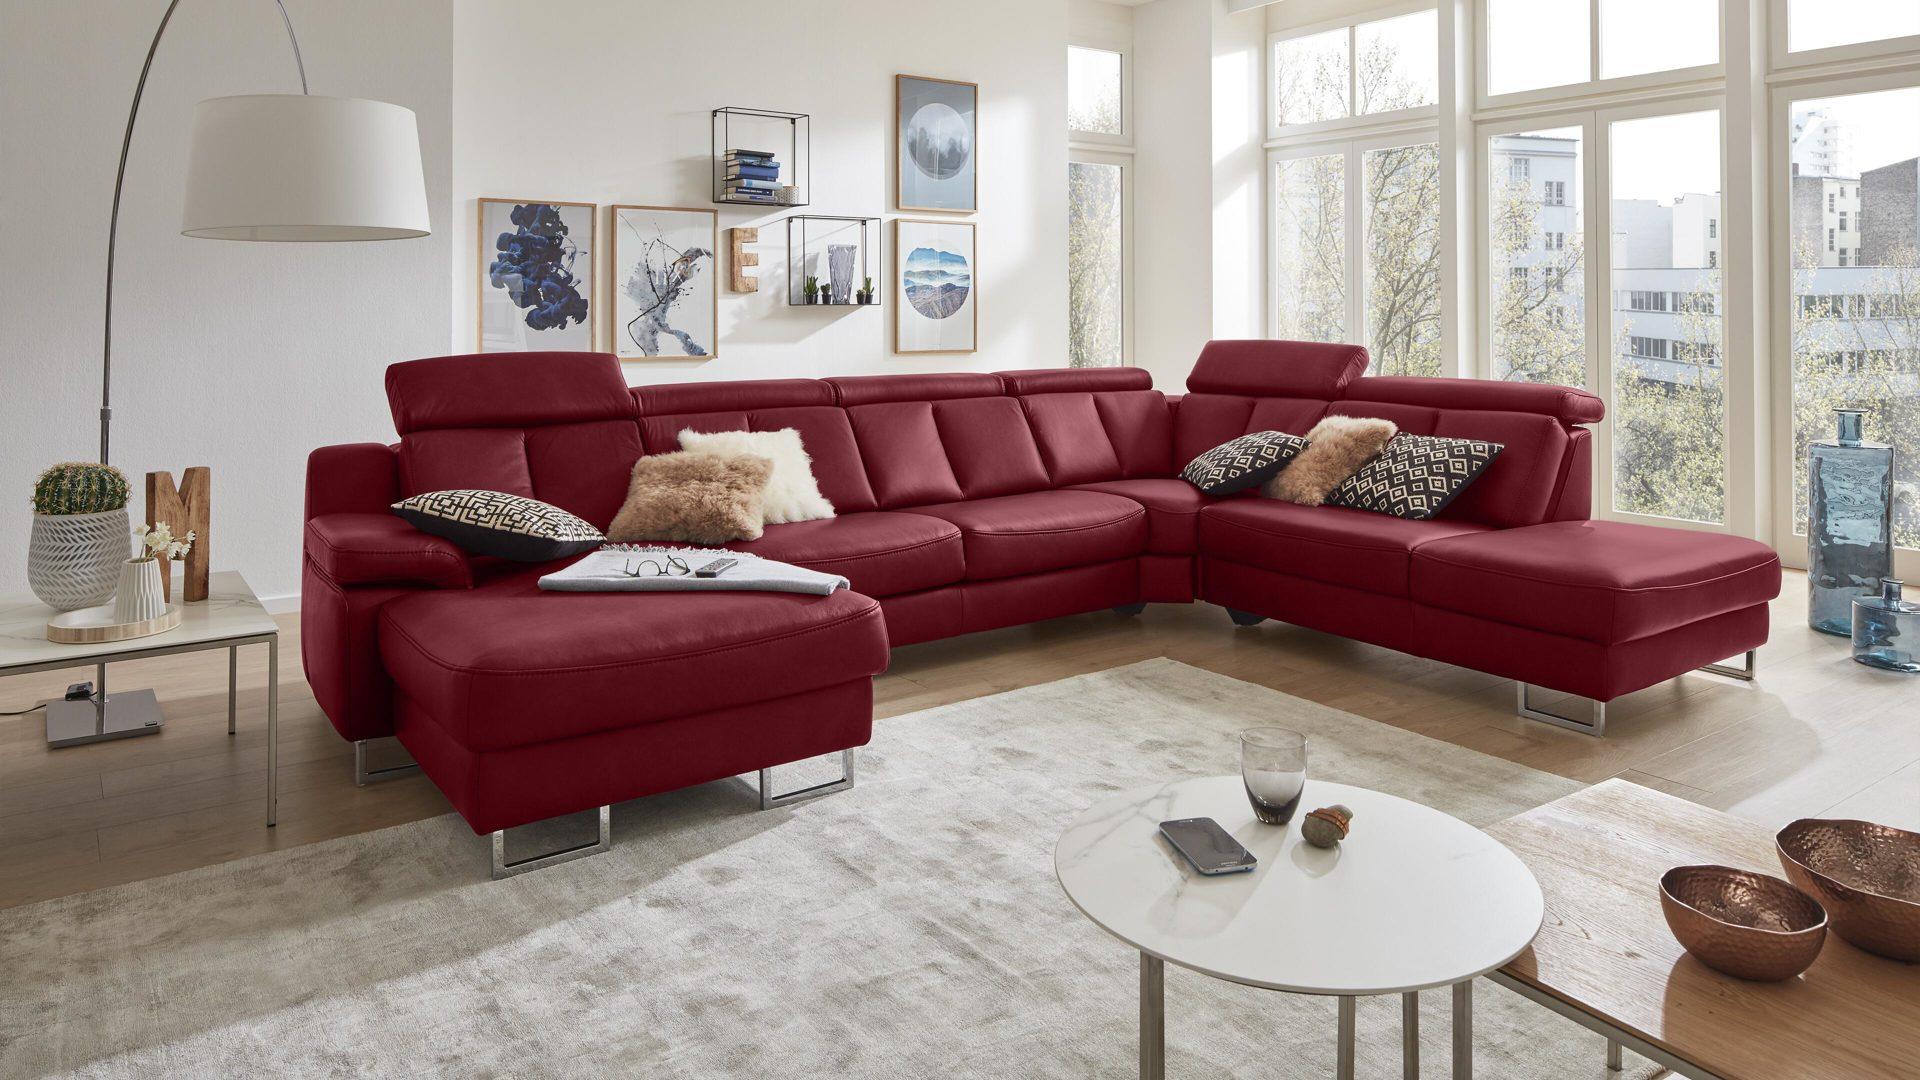 Interliving Sofa Serie 4050 Wohnlandschaft Rotes Longlife Leder